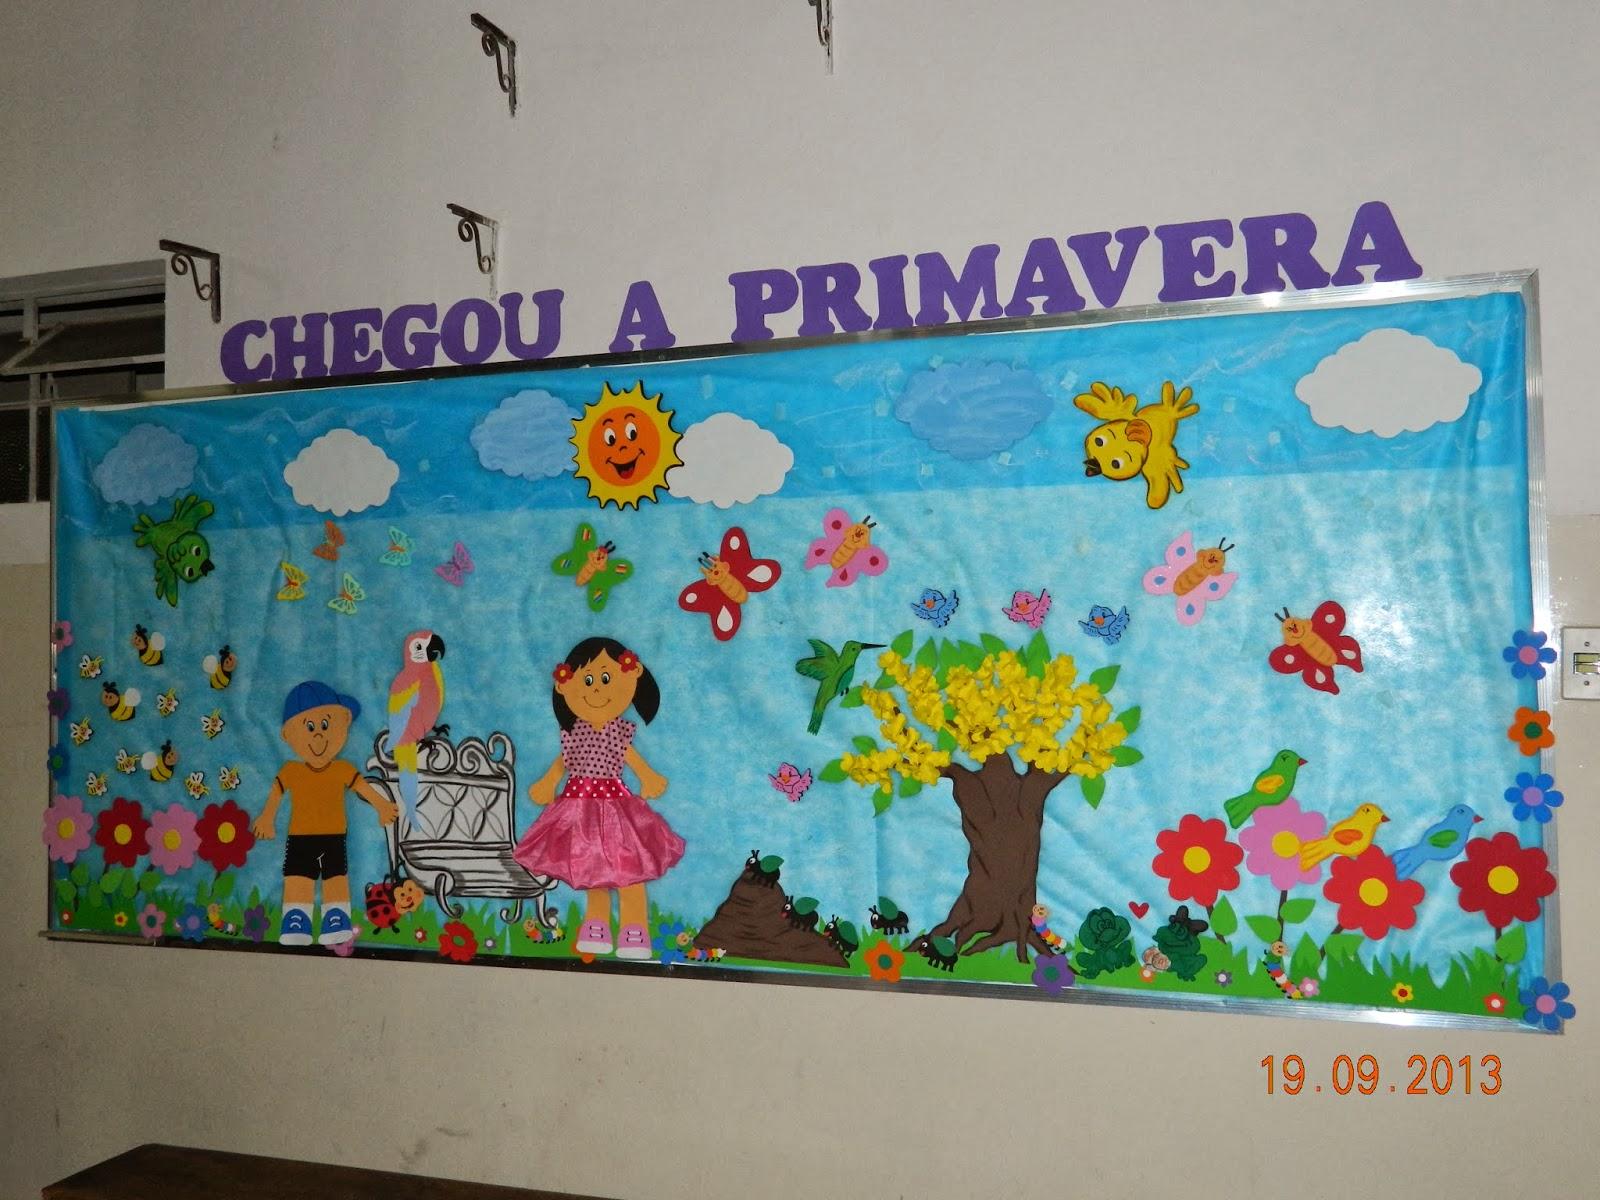 Educa o infantil o futuro est em nossas m os ideia for Mural de fotos 1 ano